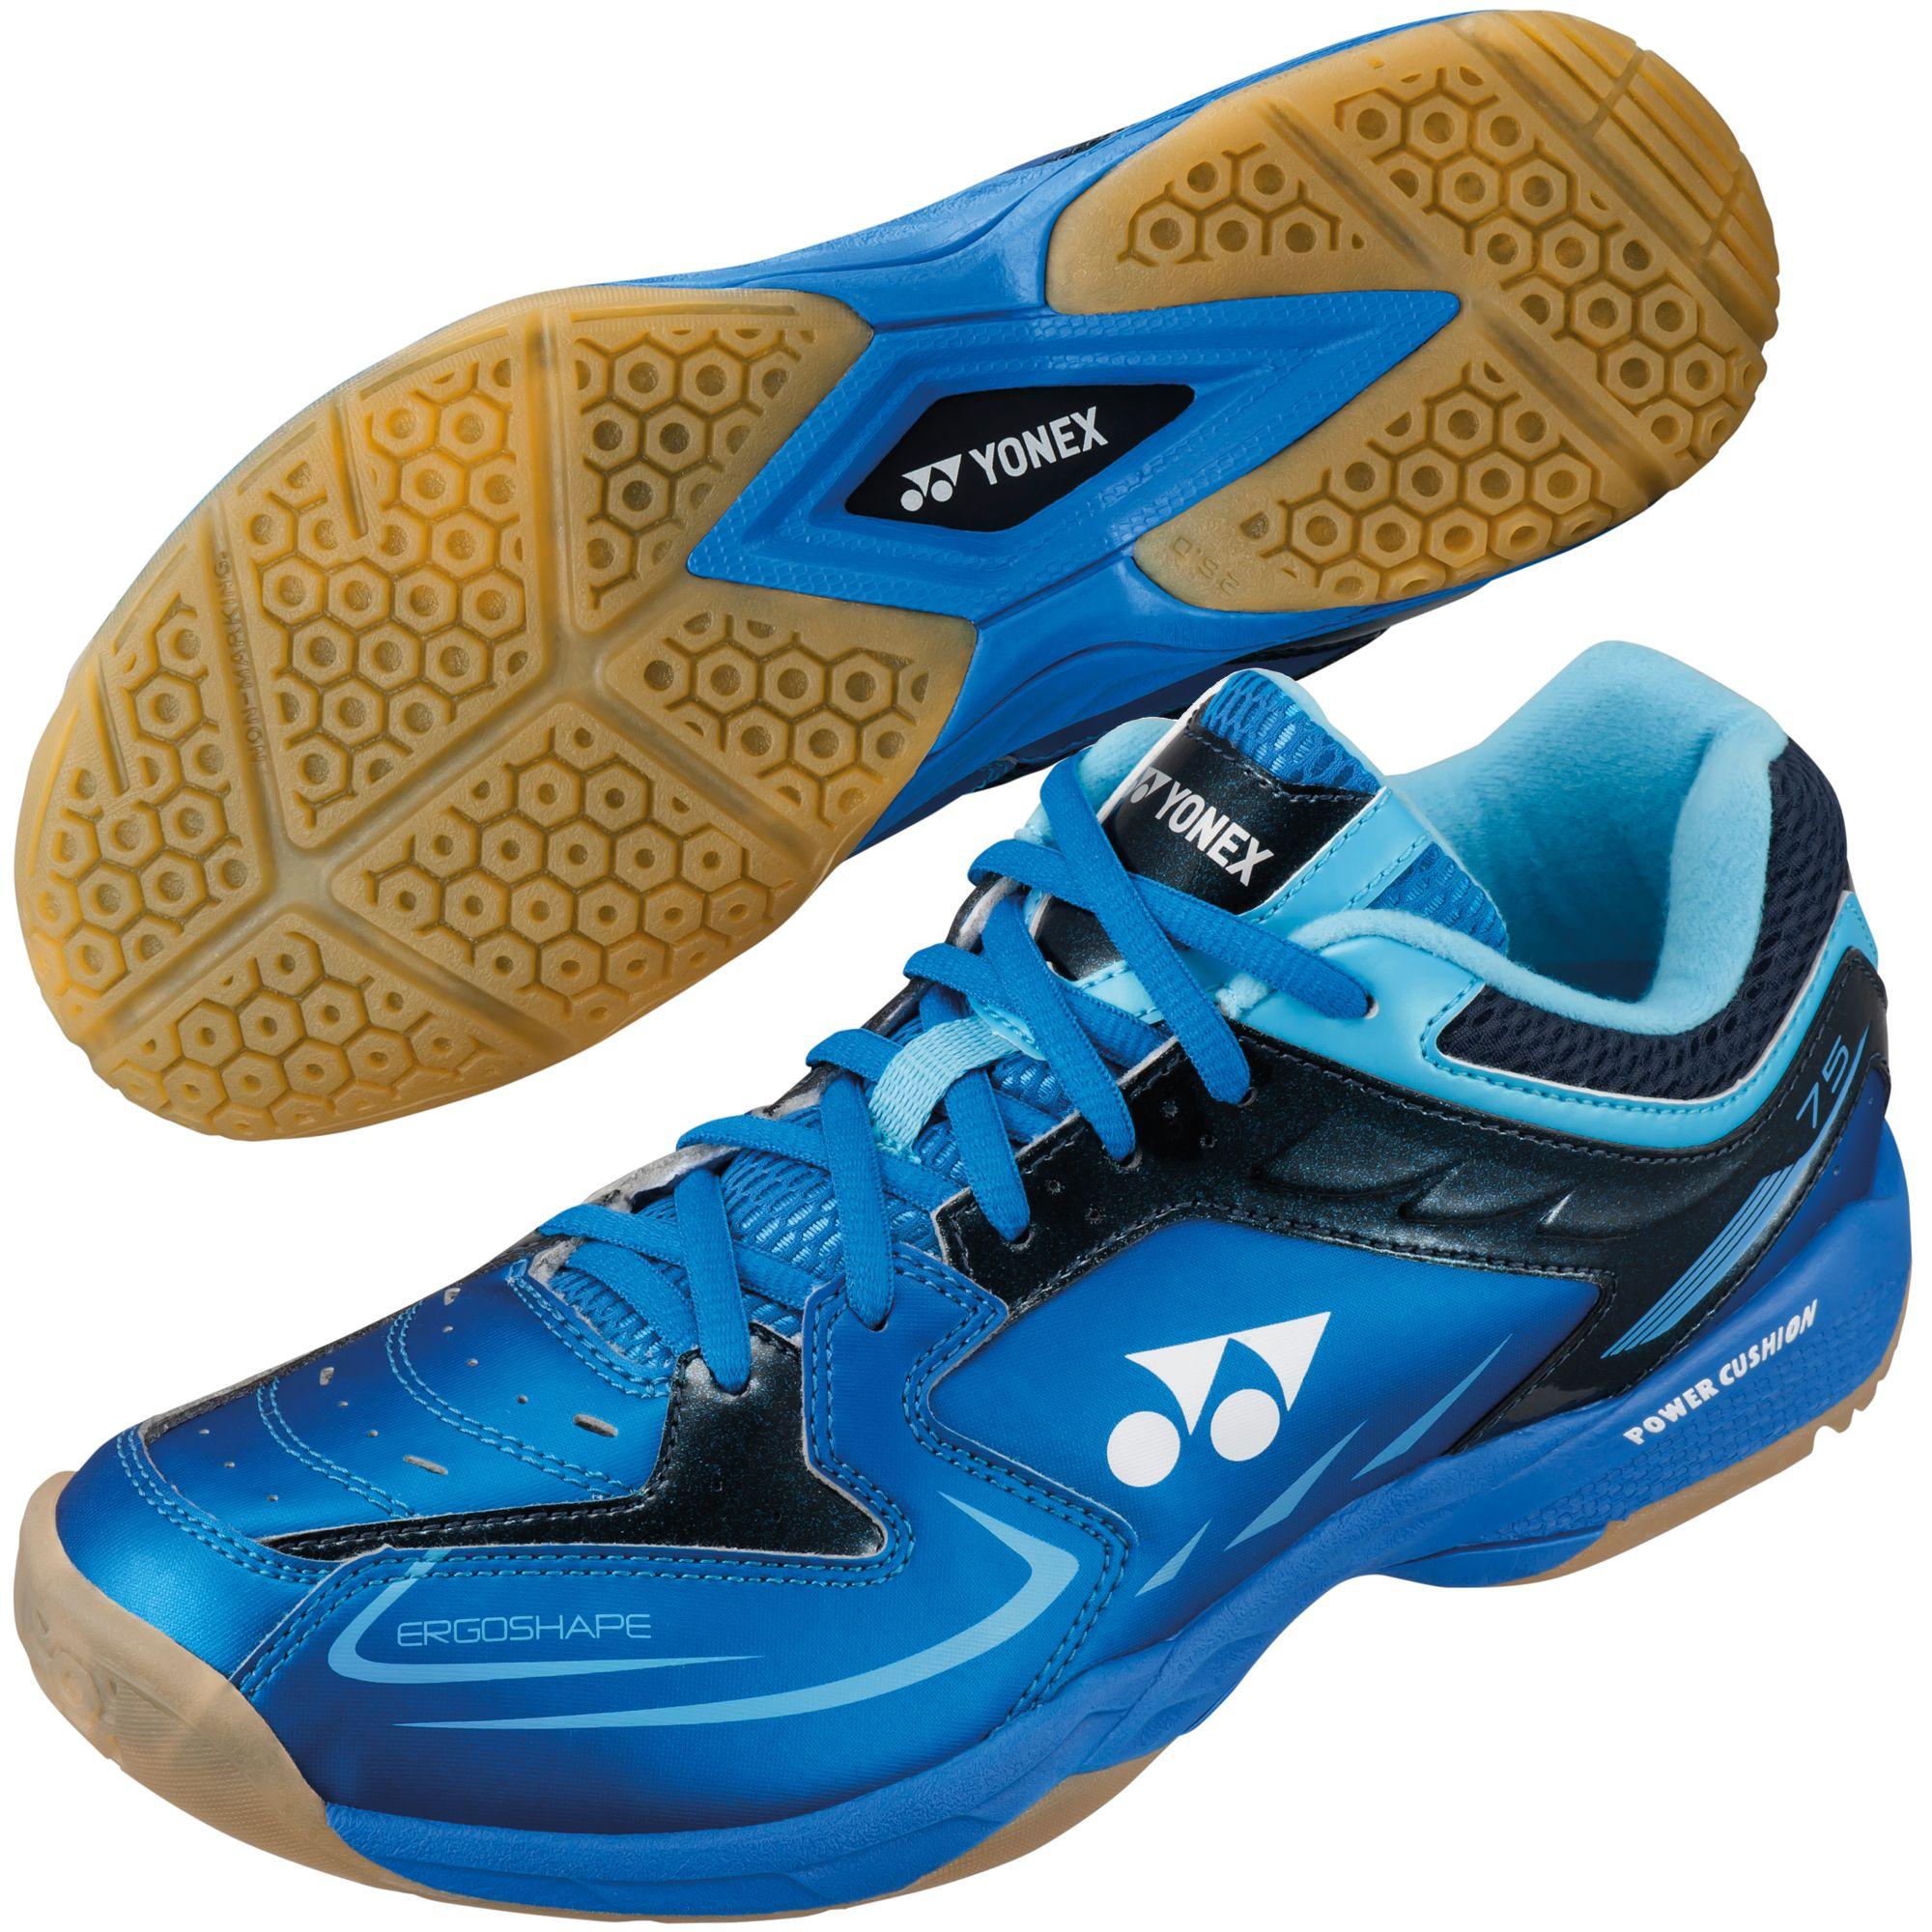 Asics Gel-Fuji Trabuco 4 Ladies Running Shoes - Sweatband.com